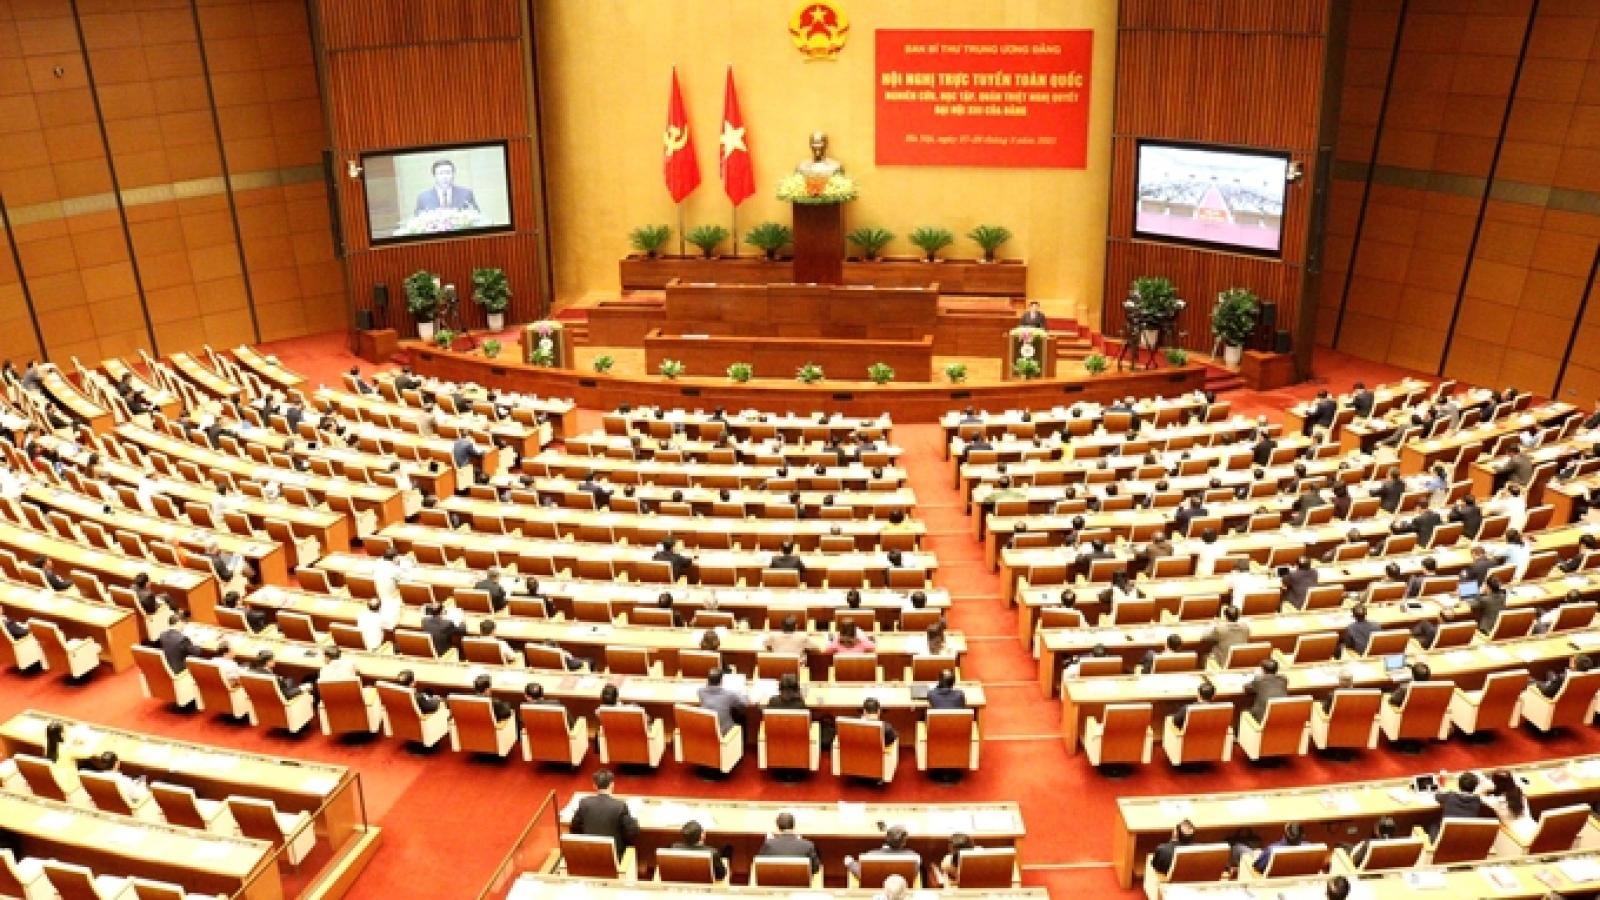 Hôm nay (30/3), Quốc hội miễn nhiệm Chủ tịch Quốc hội